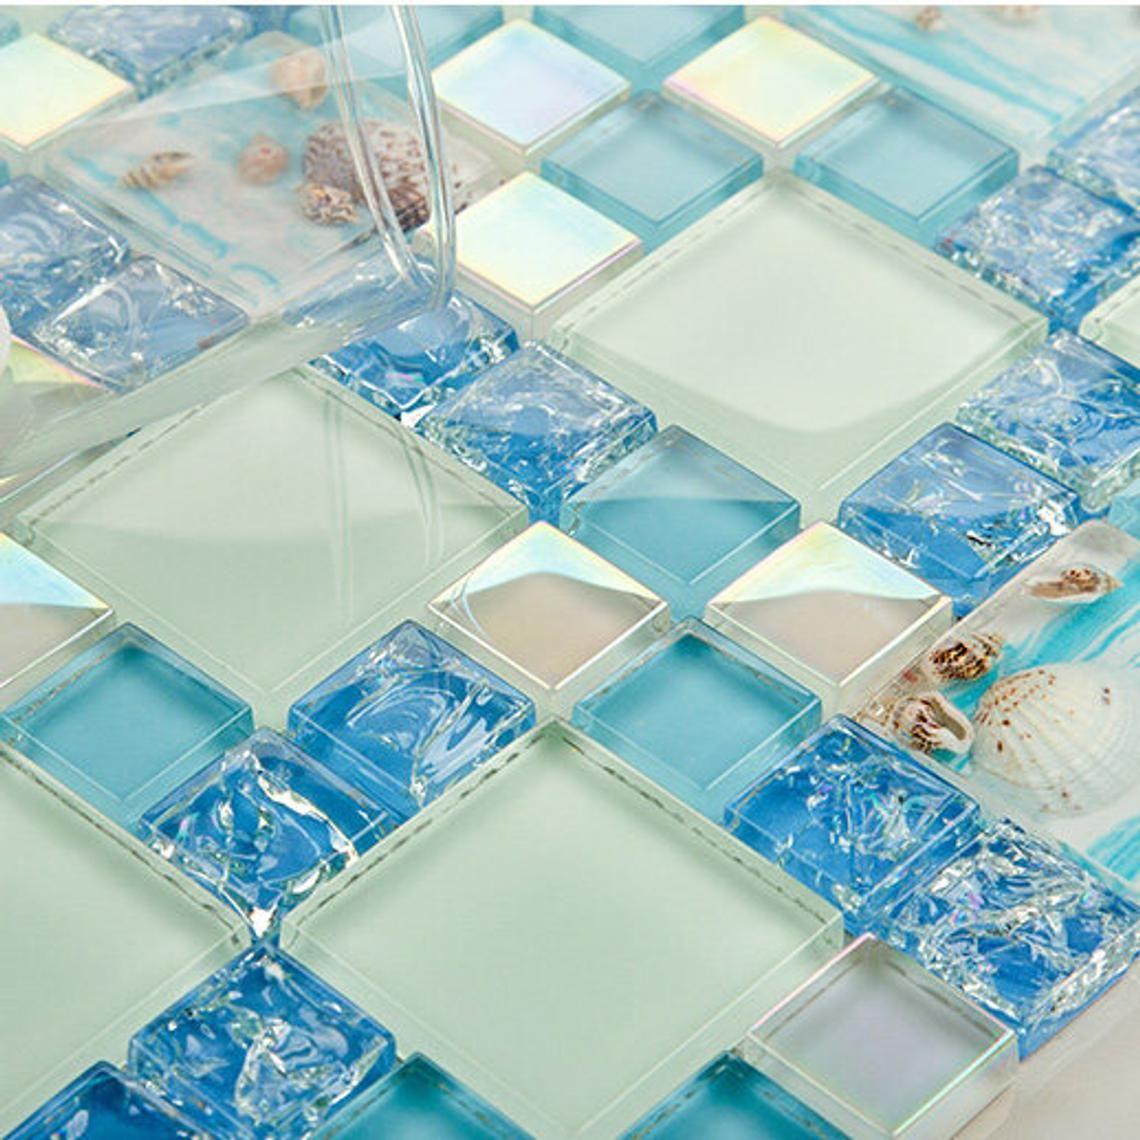 Blue Sparkly Backsplash Tile Crackled Crystal Glass Tile